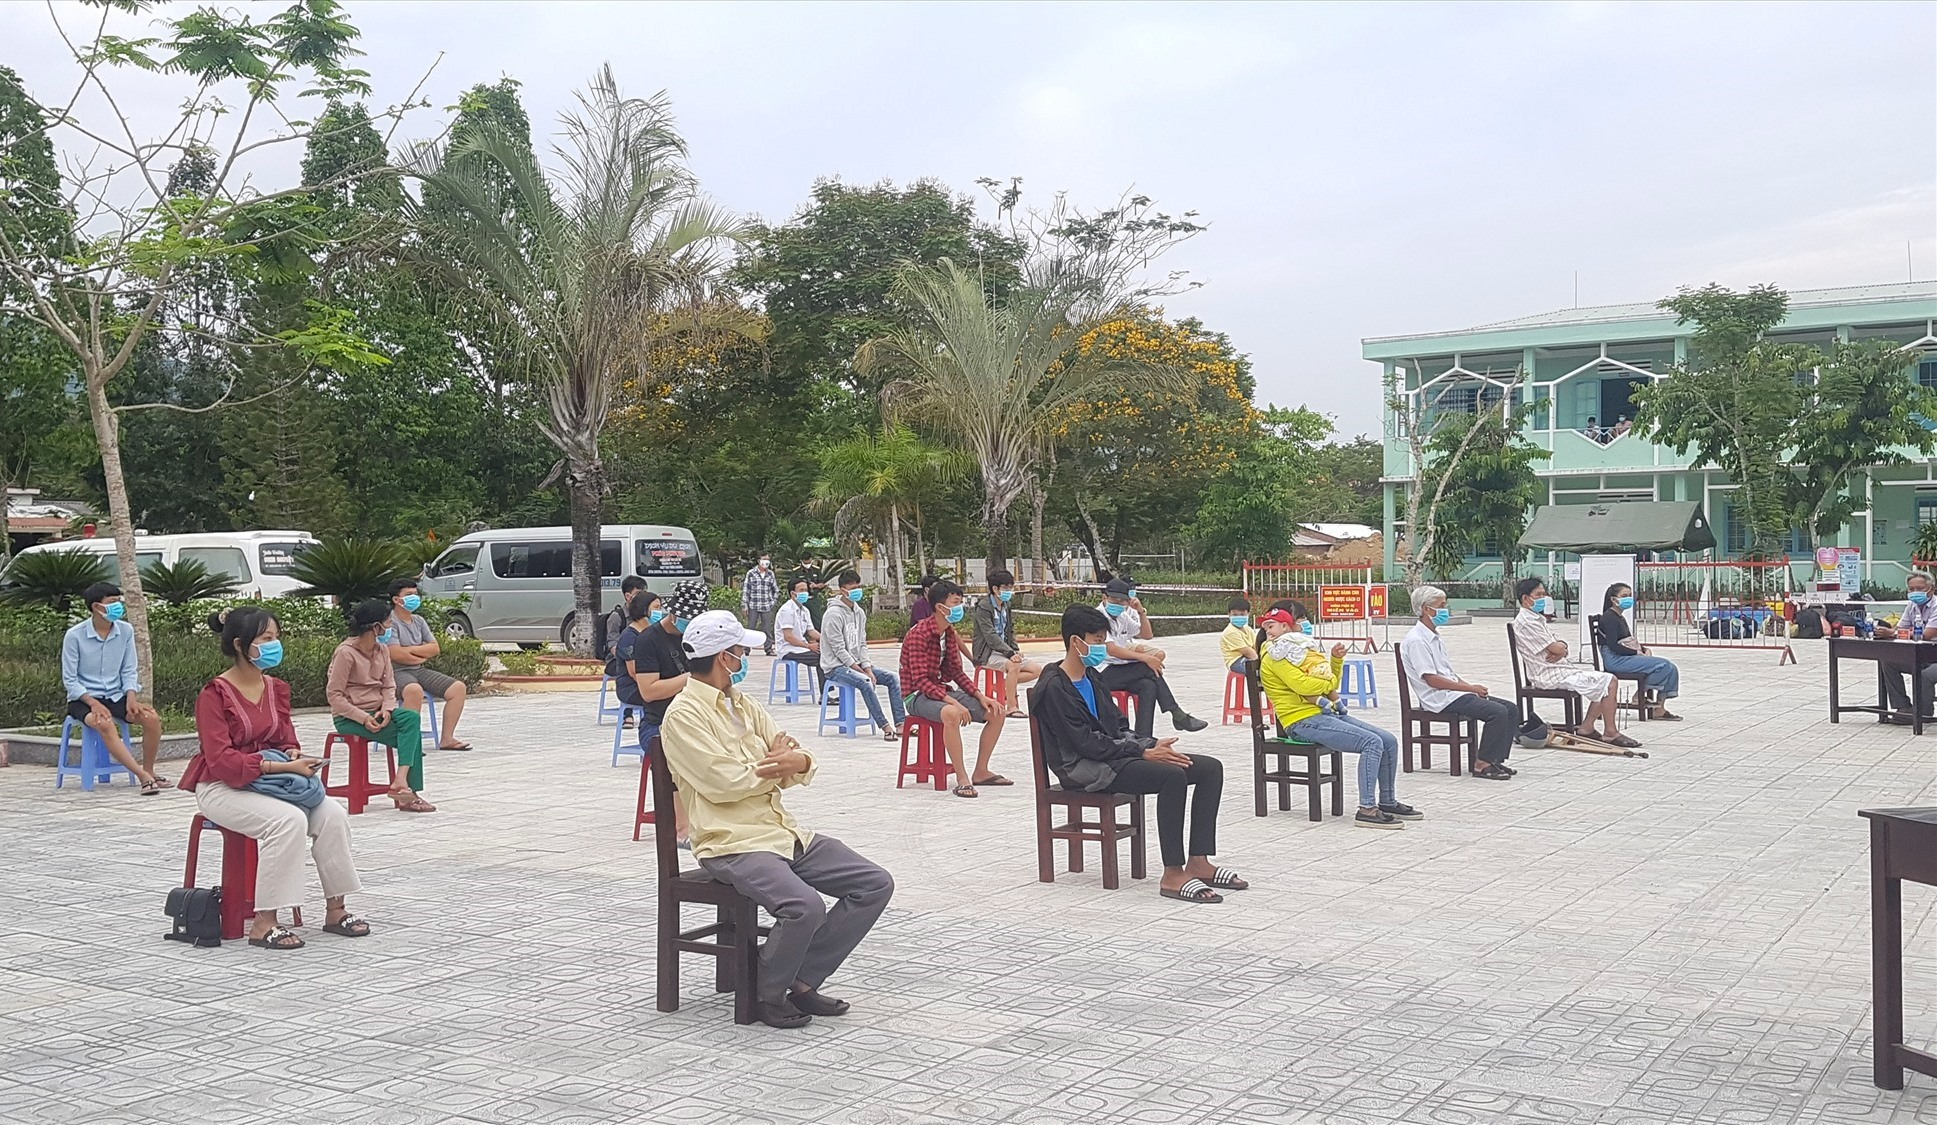 22 công dân của huyện Tiên Phước hoàn thành cách ly tập trung. Ảnh: D.L